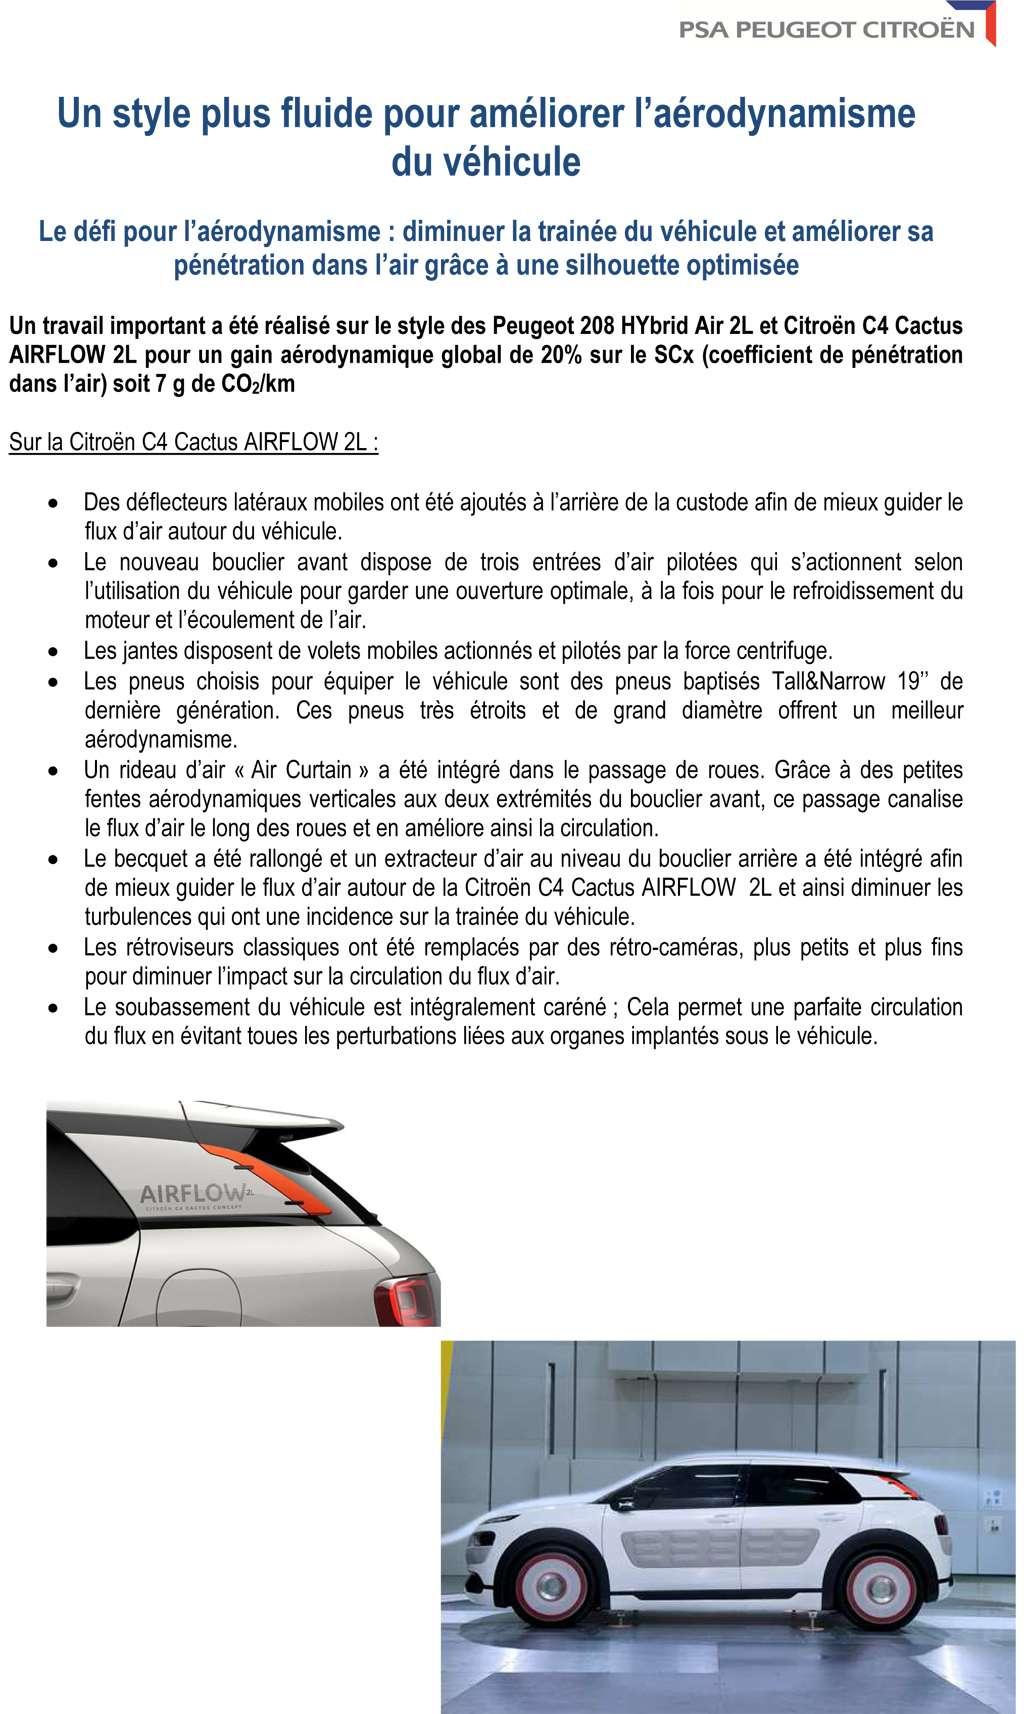 [INFORMATION] PSA: Les nouvelles technologies - Page 4 2014-116